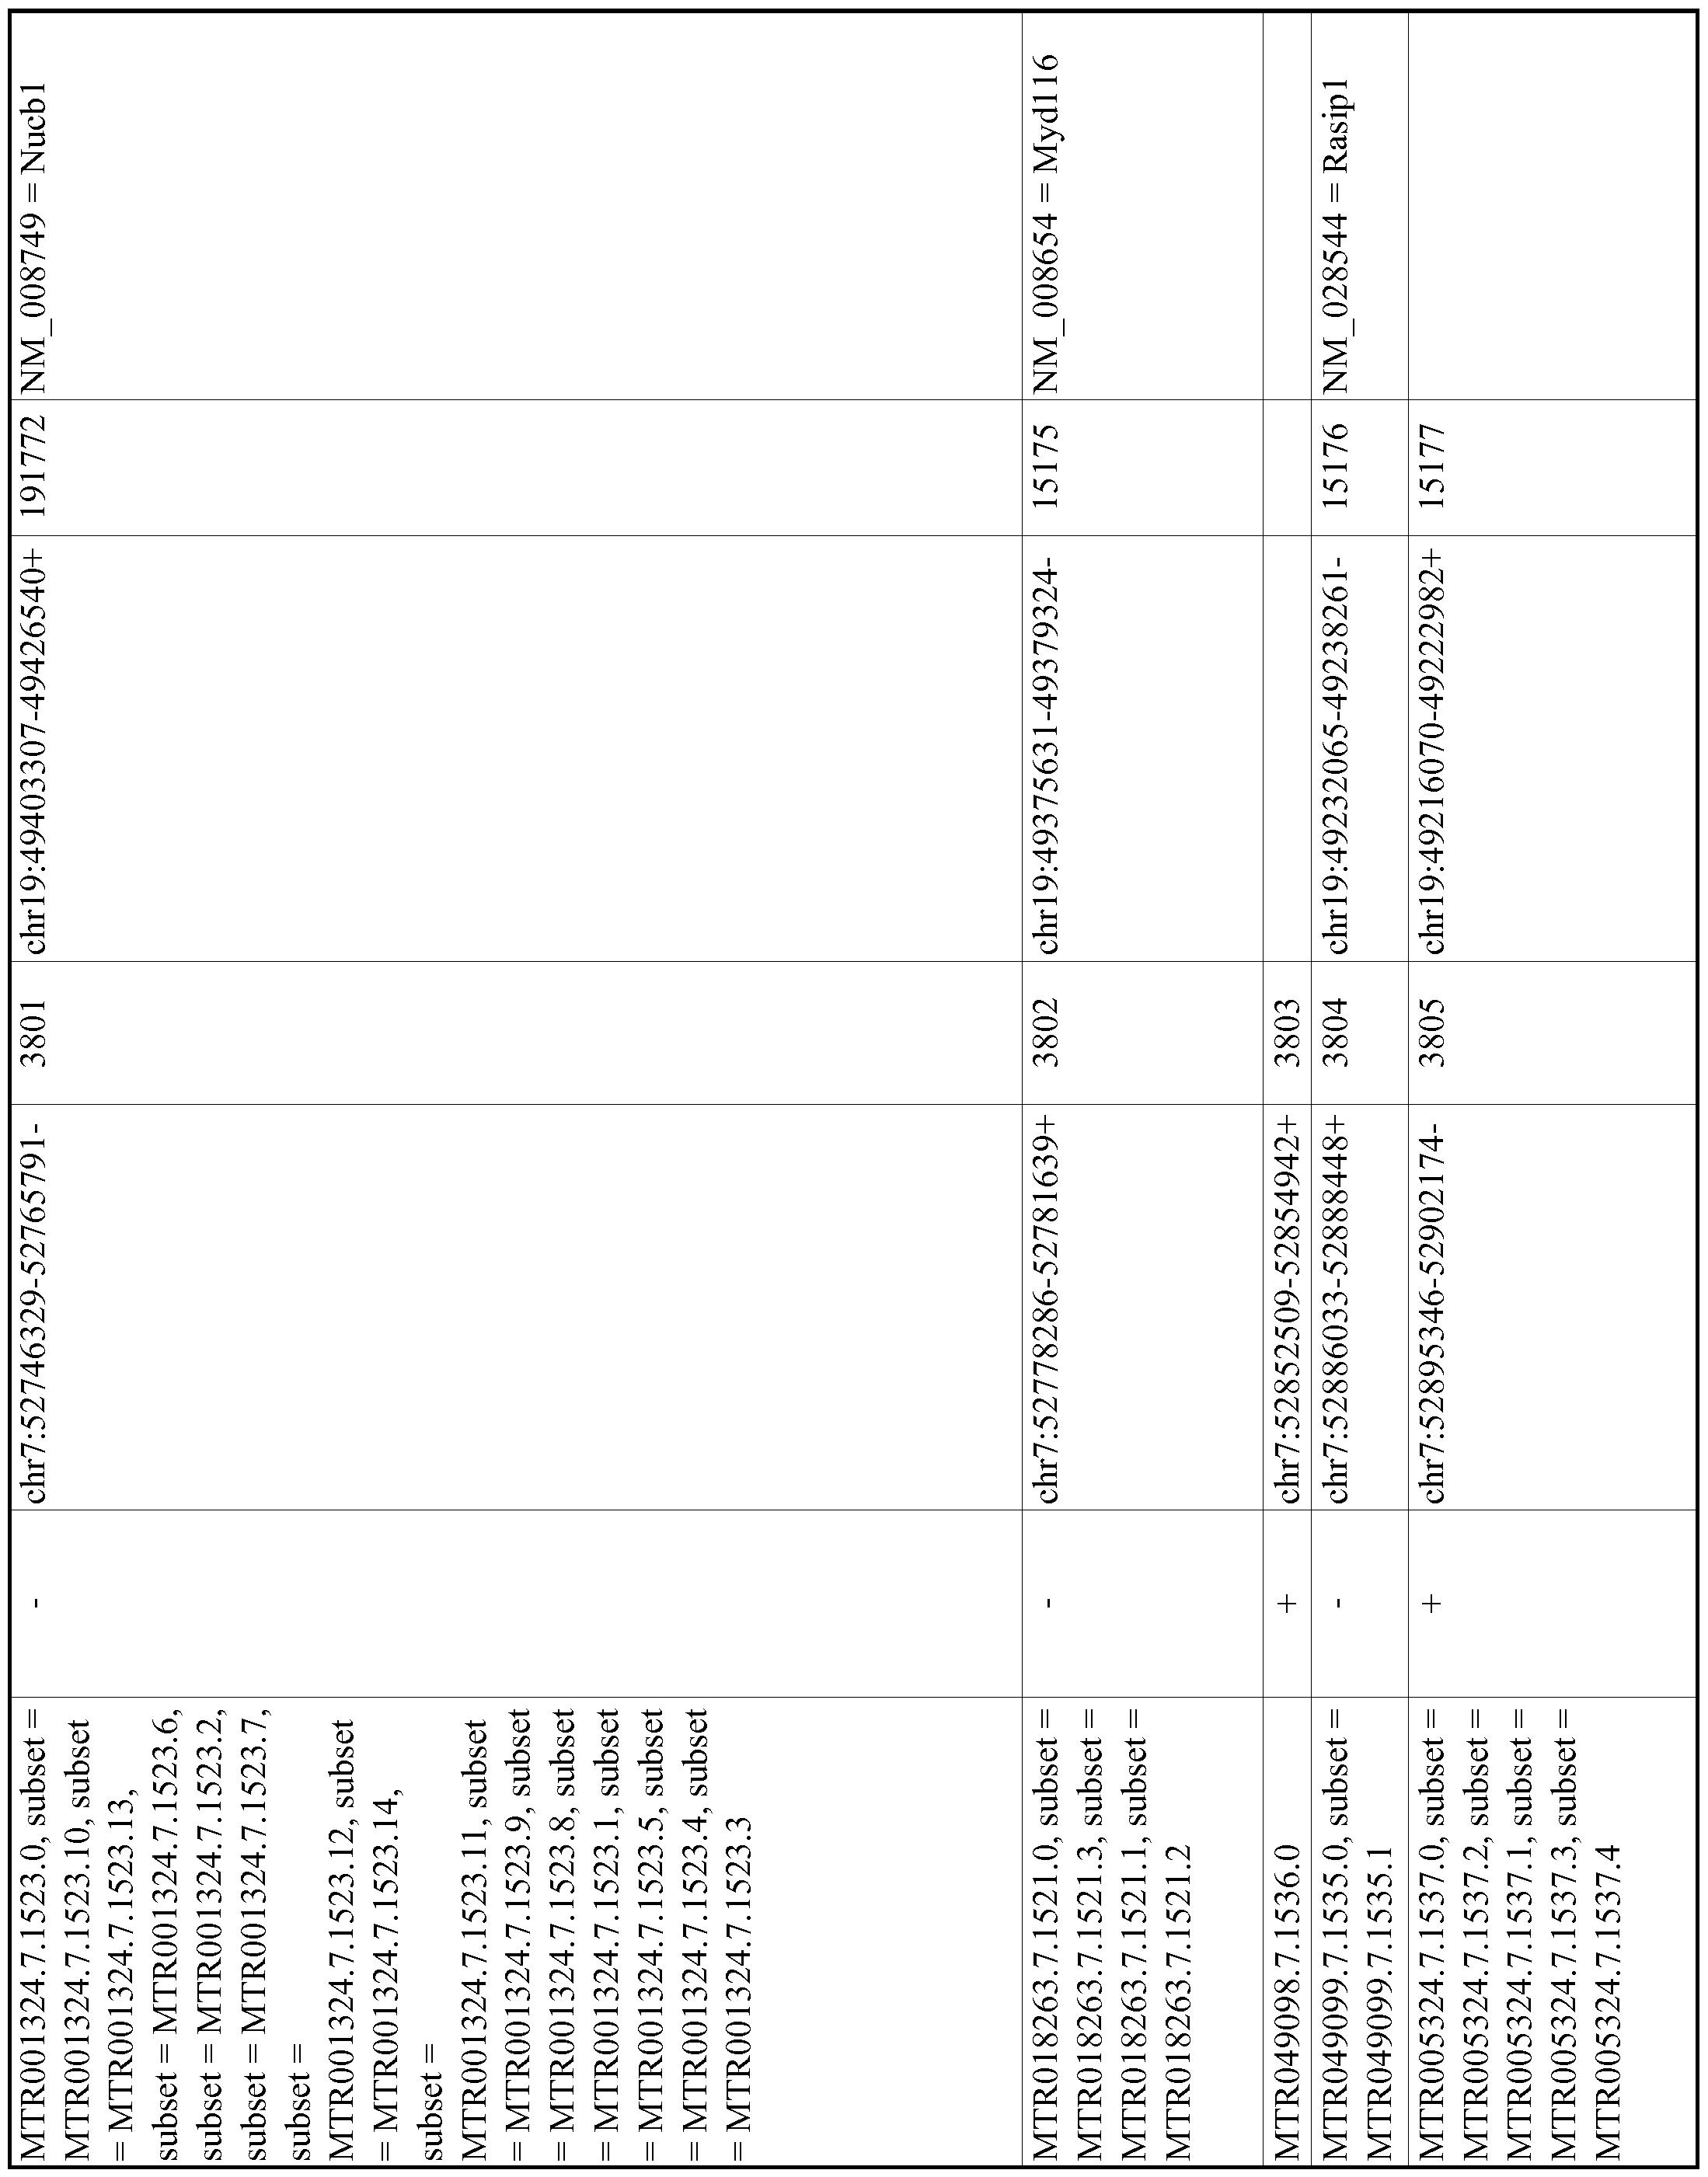 Figure imgf000732_0001